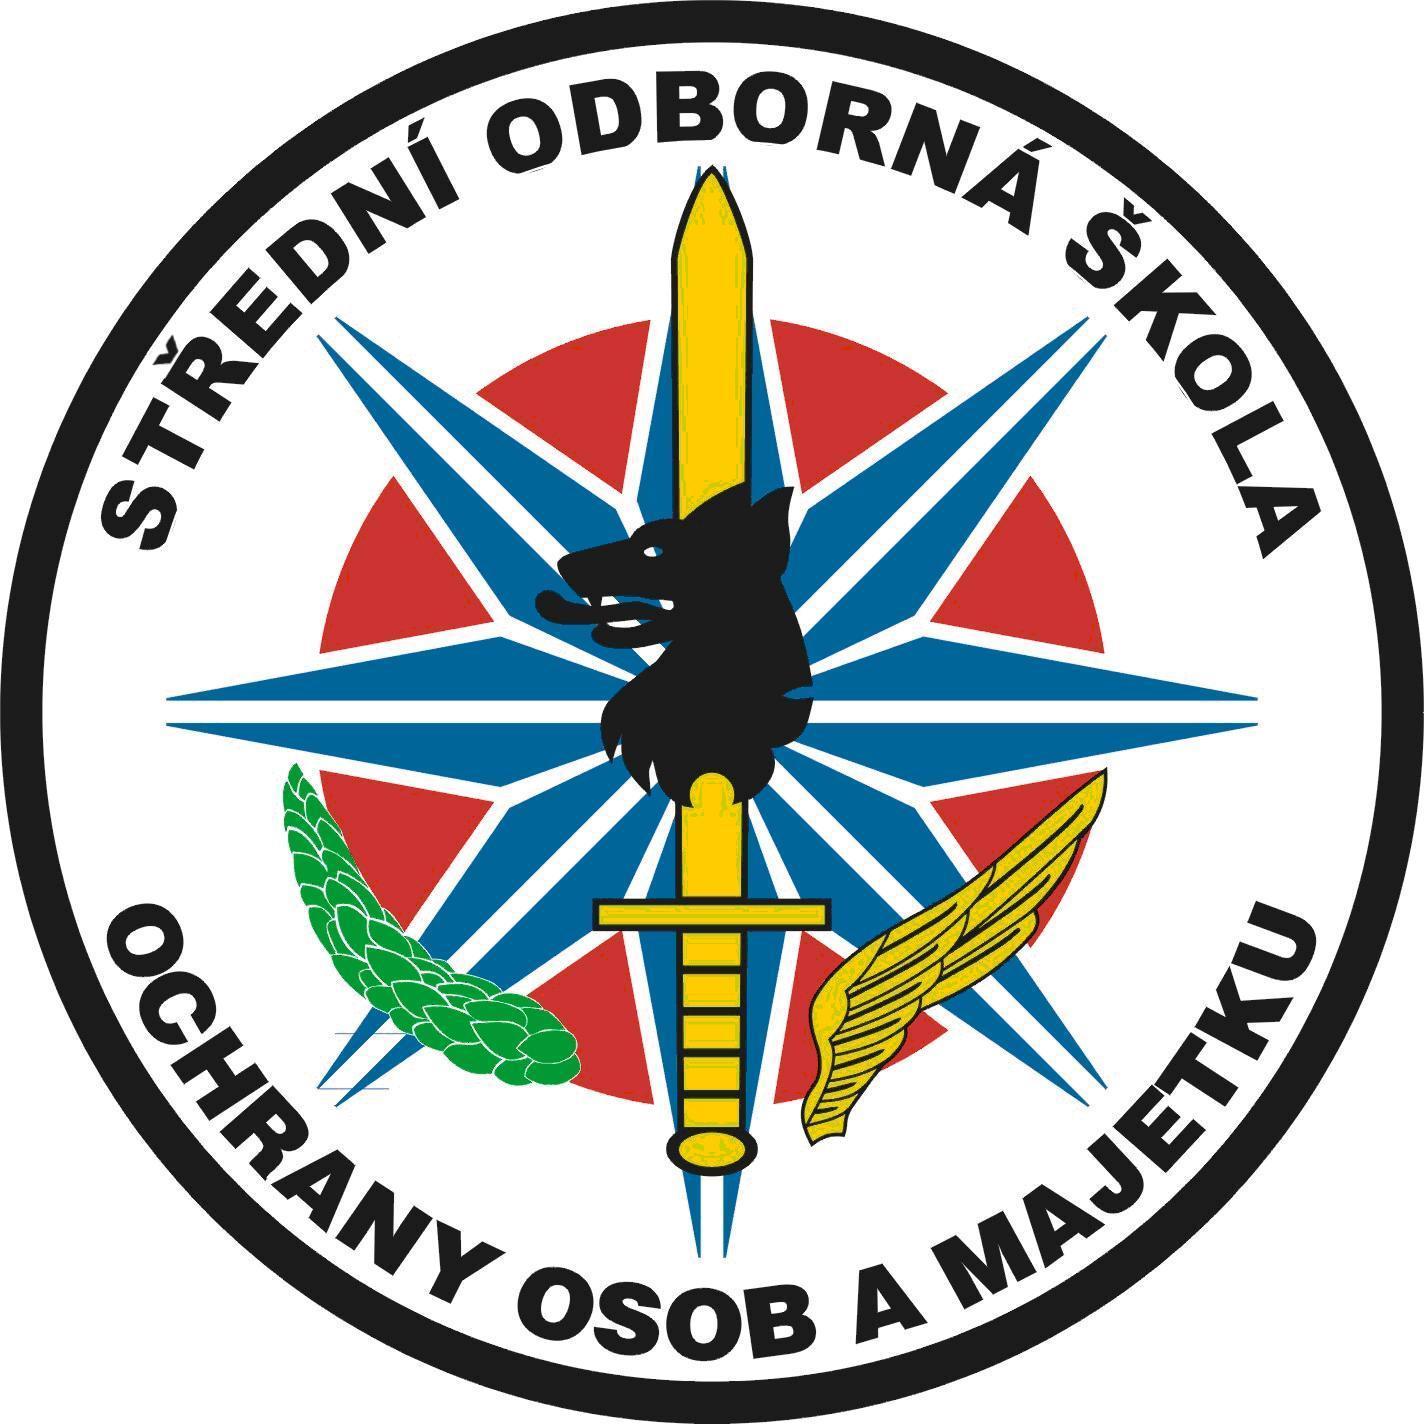 Střední odborná škola ochrany osob a majetku s.r.o. logo